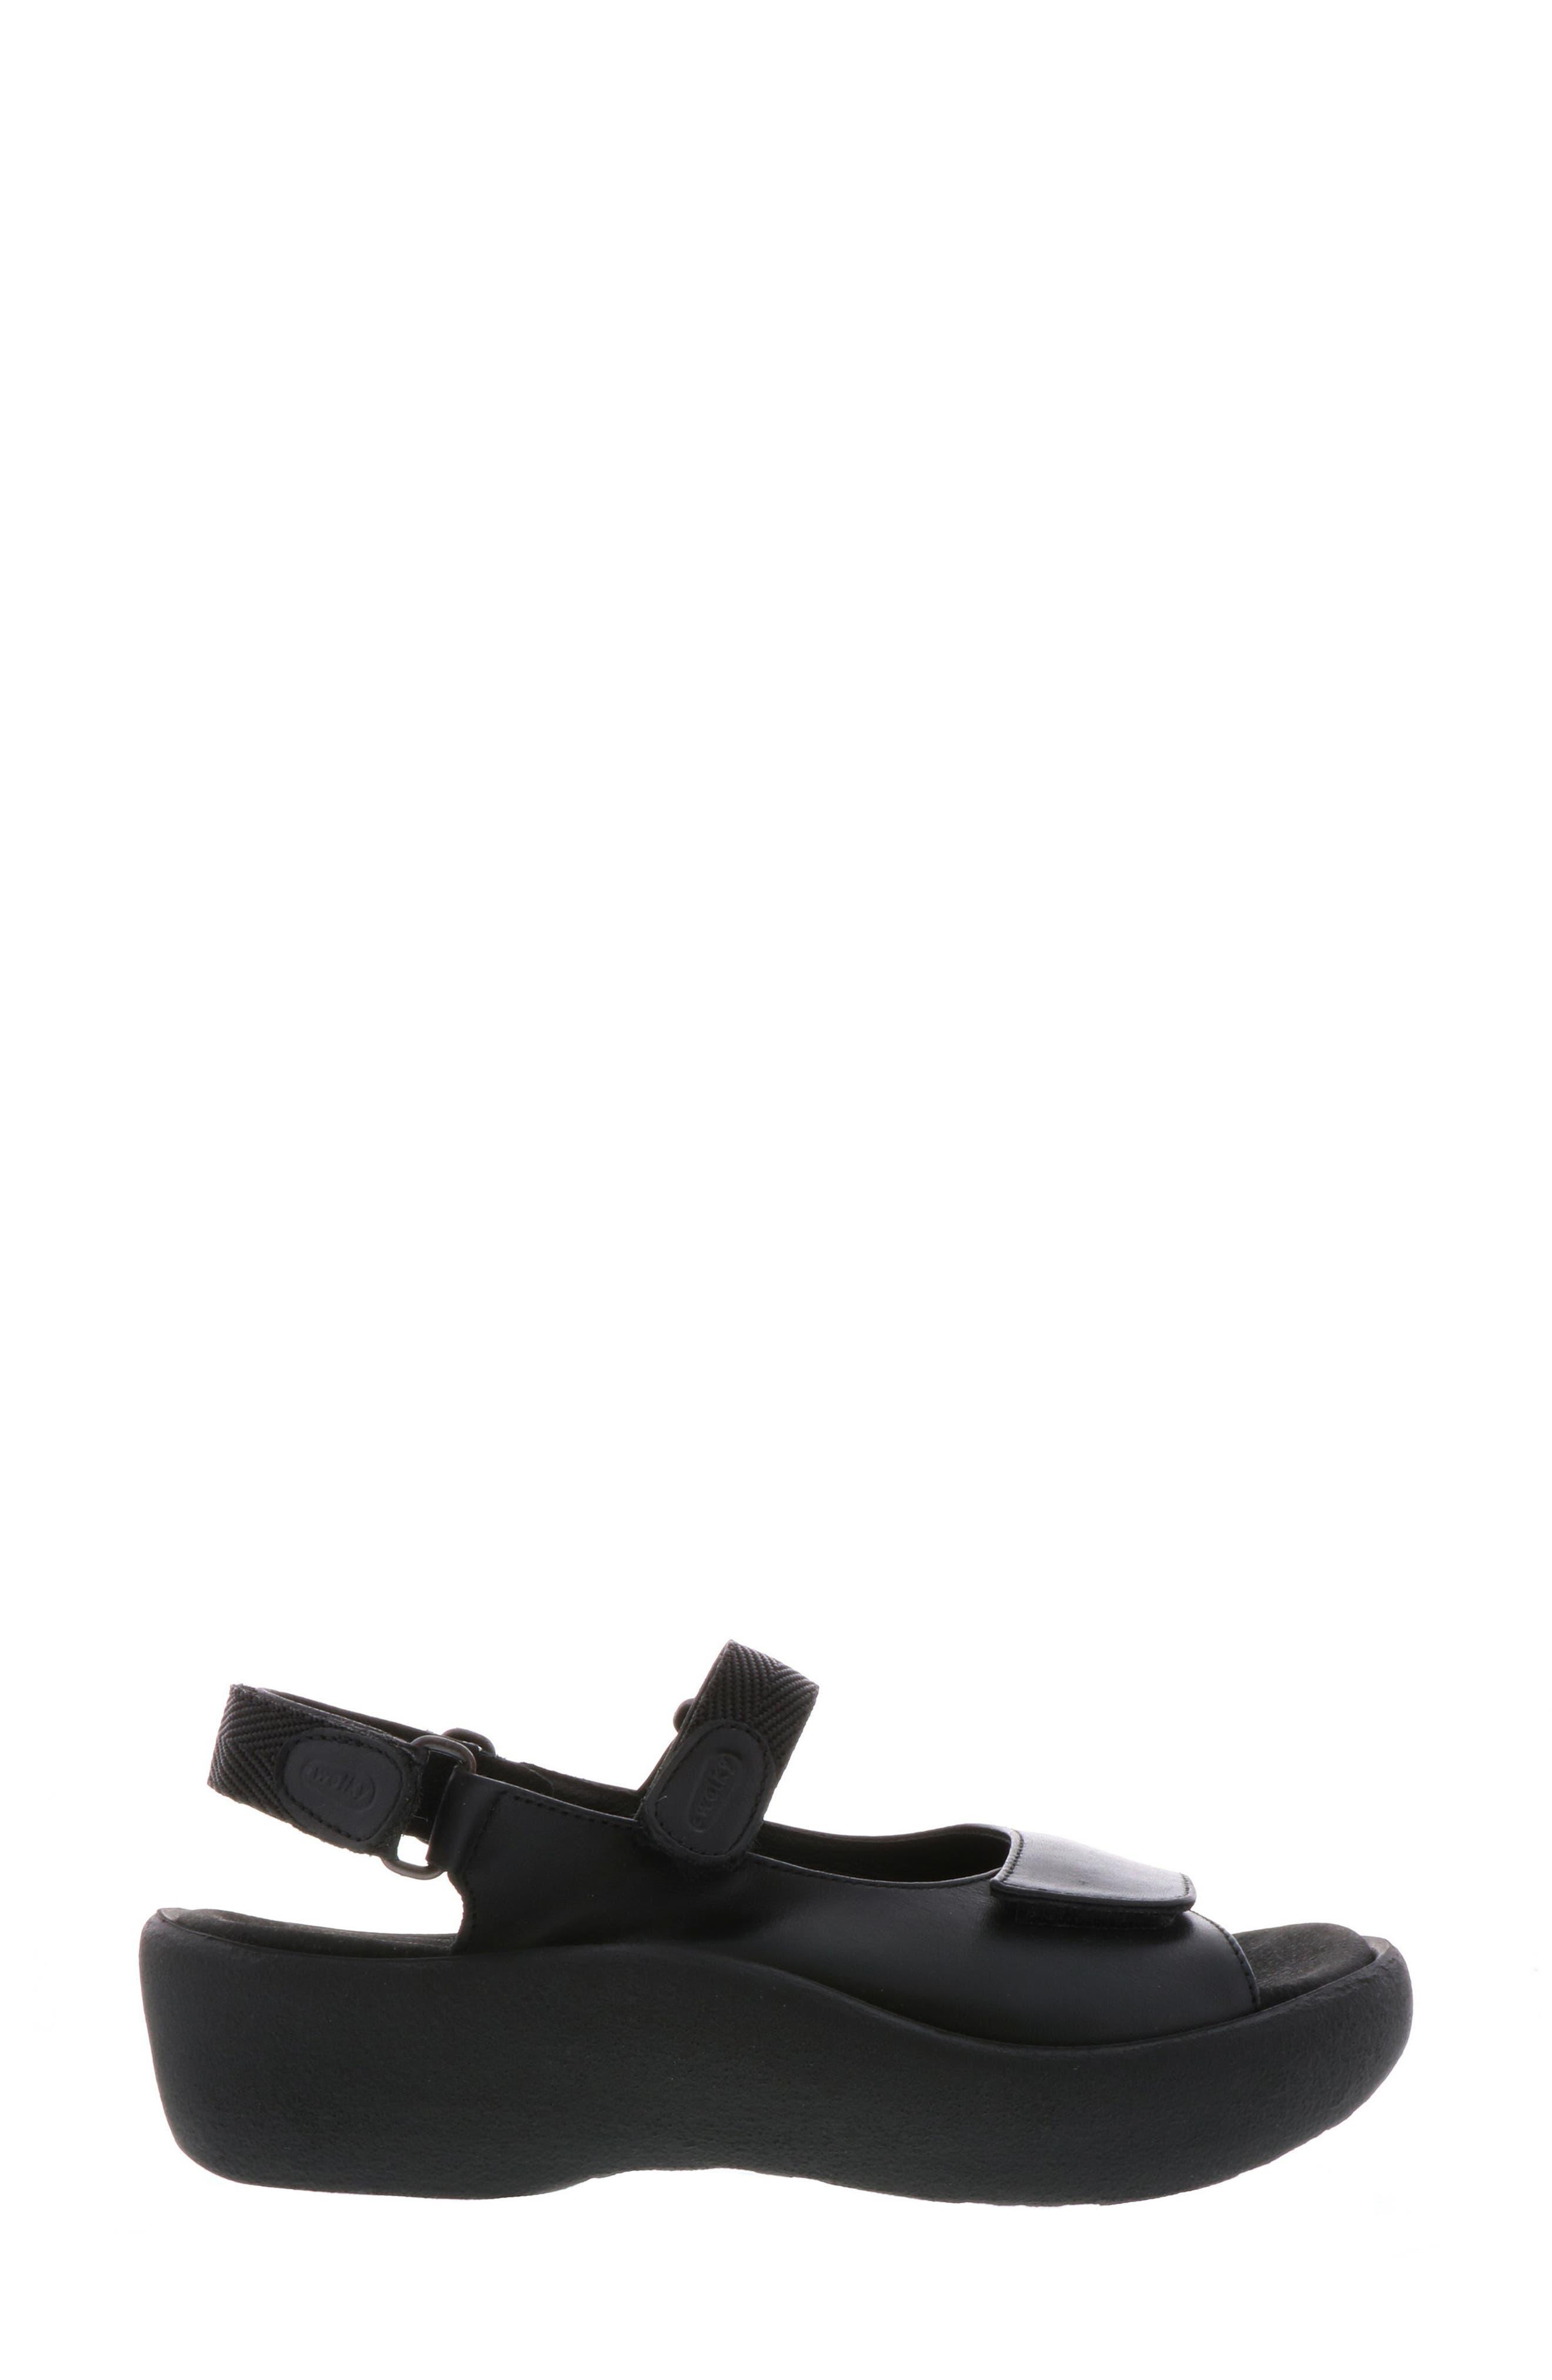 Jewel Sport Sandal,                             Alternate thumbnail 3, color,                             BLACK/ BLACK